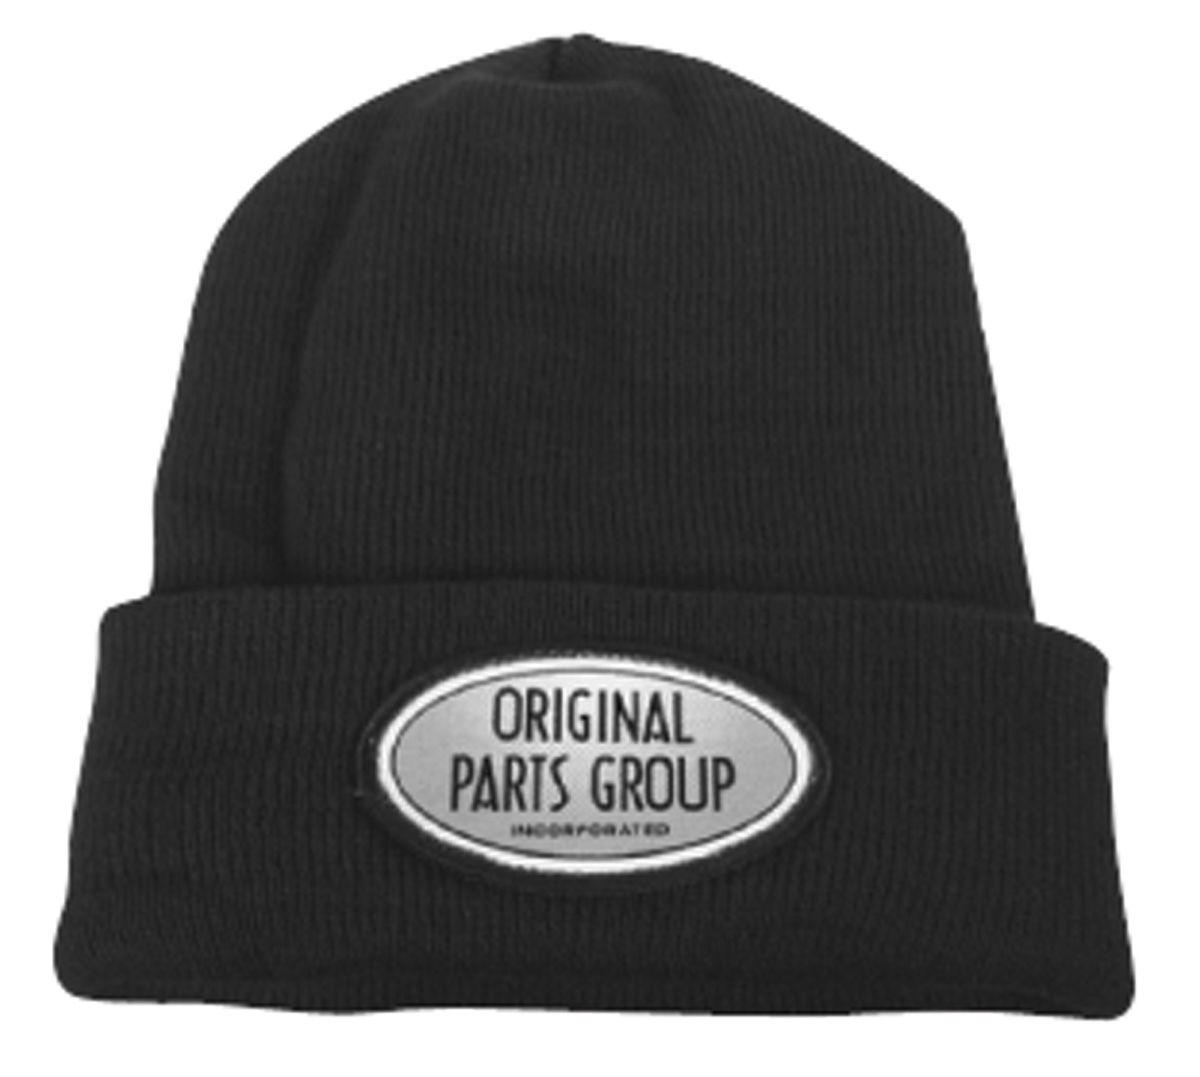 original parts group knit ski cap. Black Bedroom Furniture Sets. Home Design Ideas